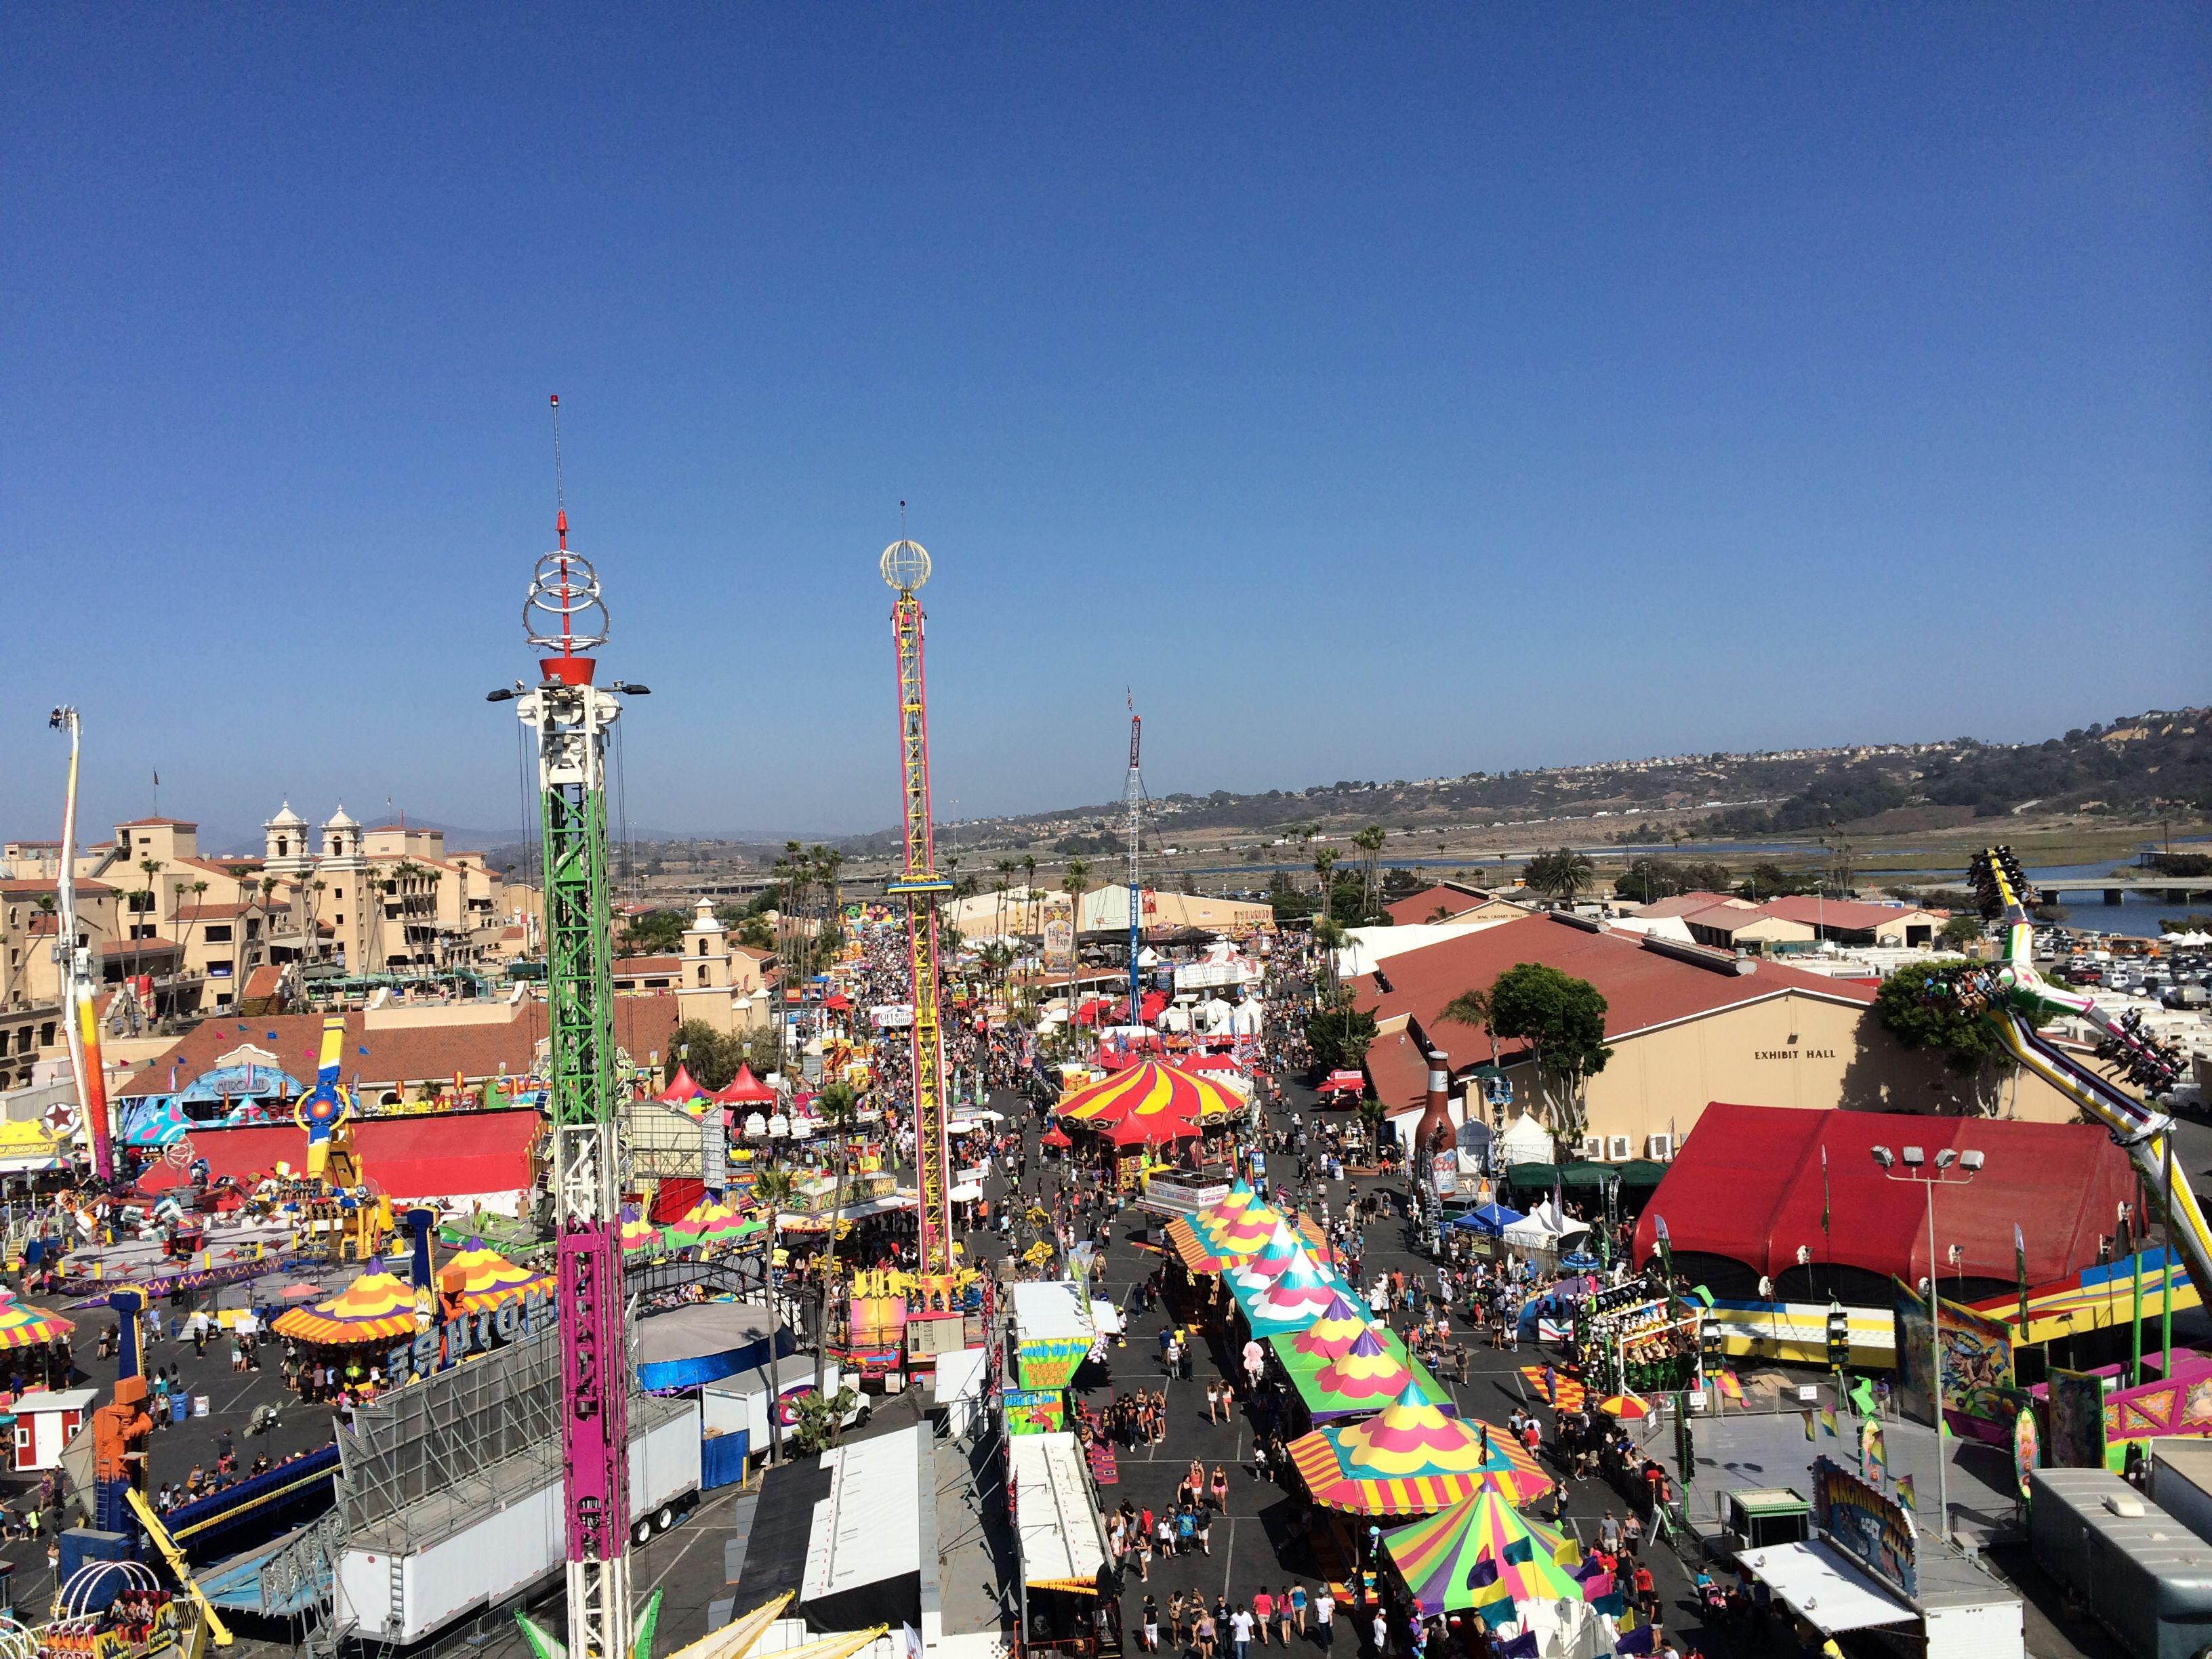 Del Mar Fair San Diego, CA